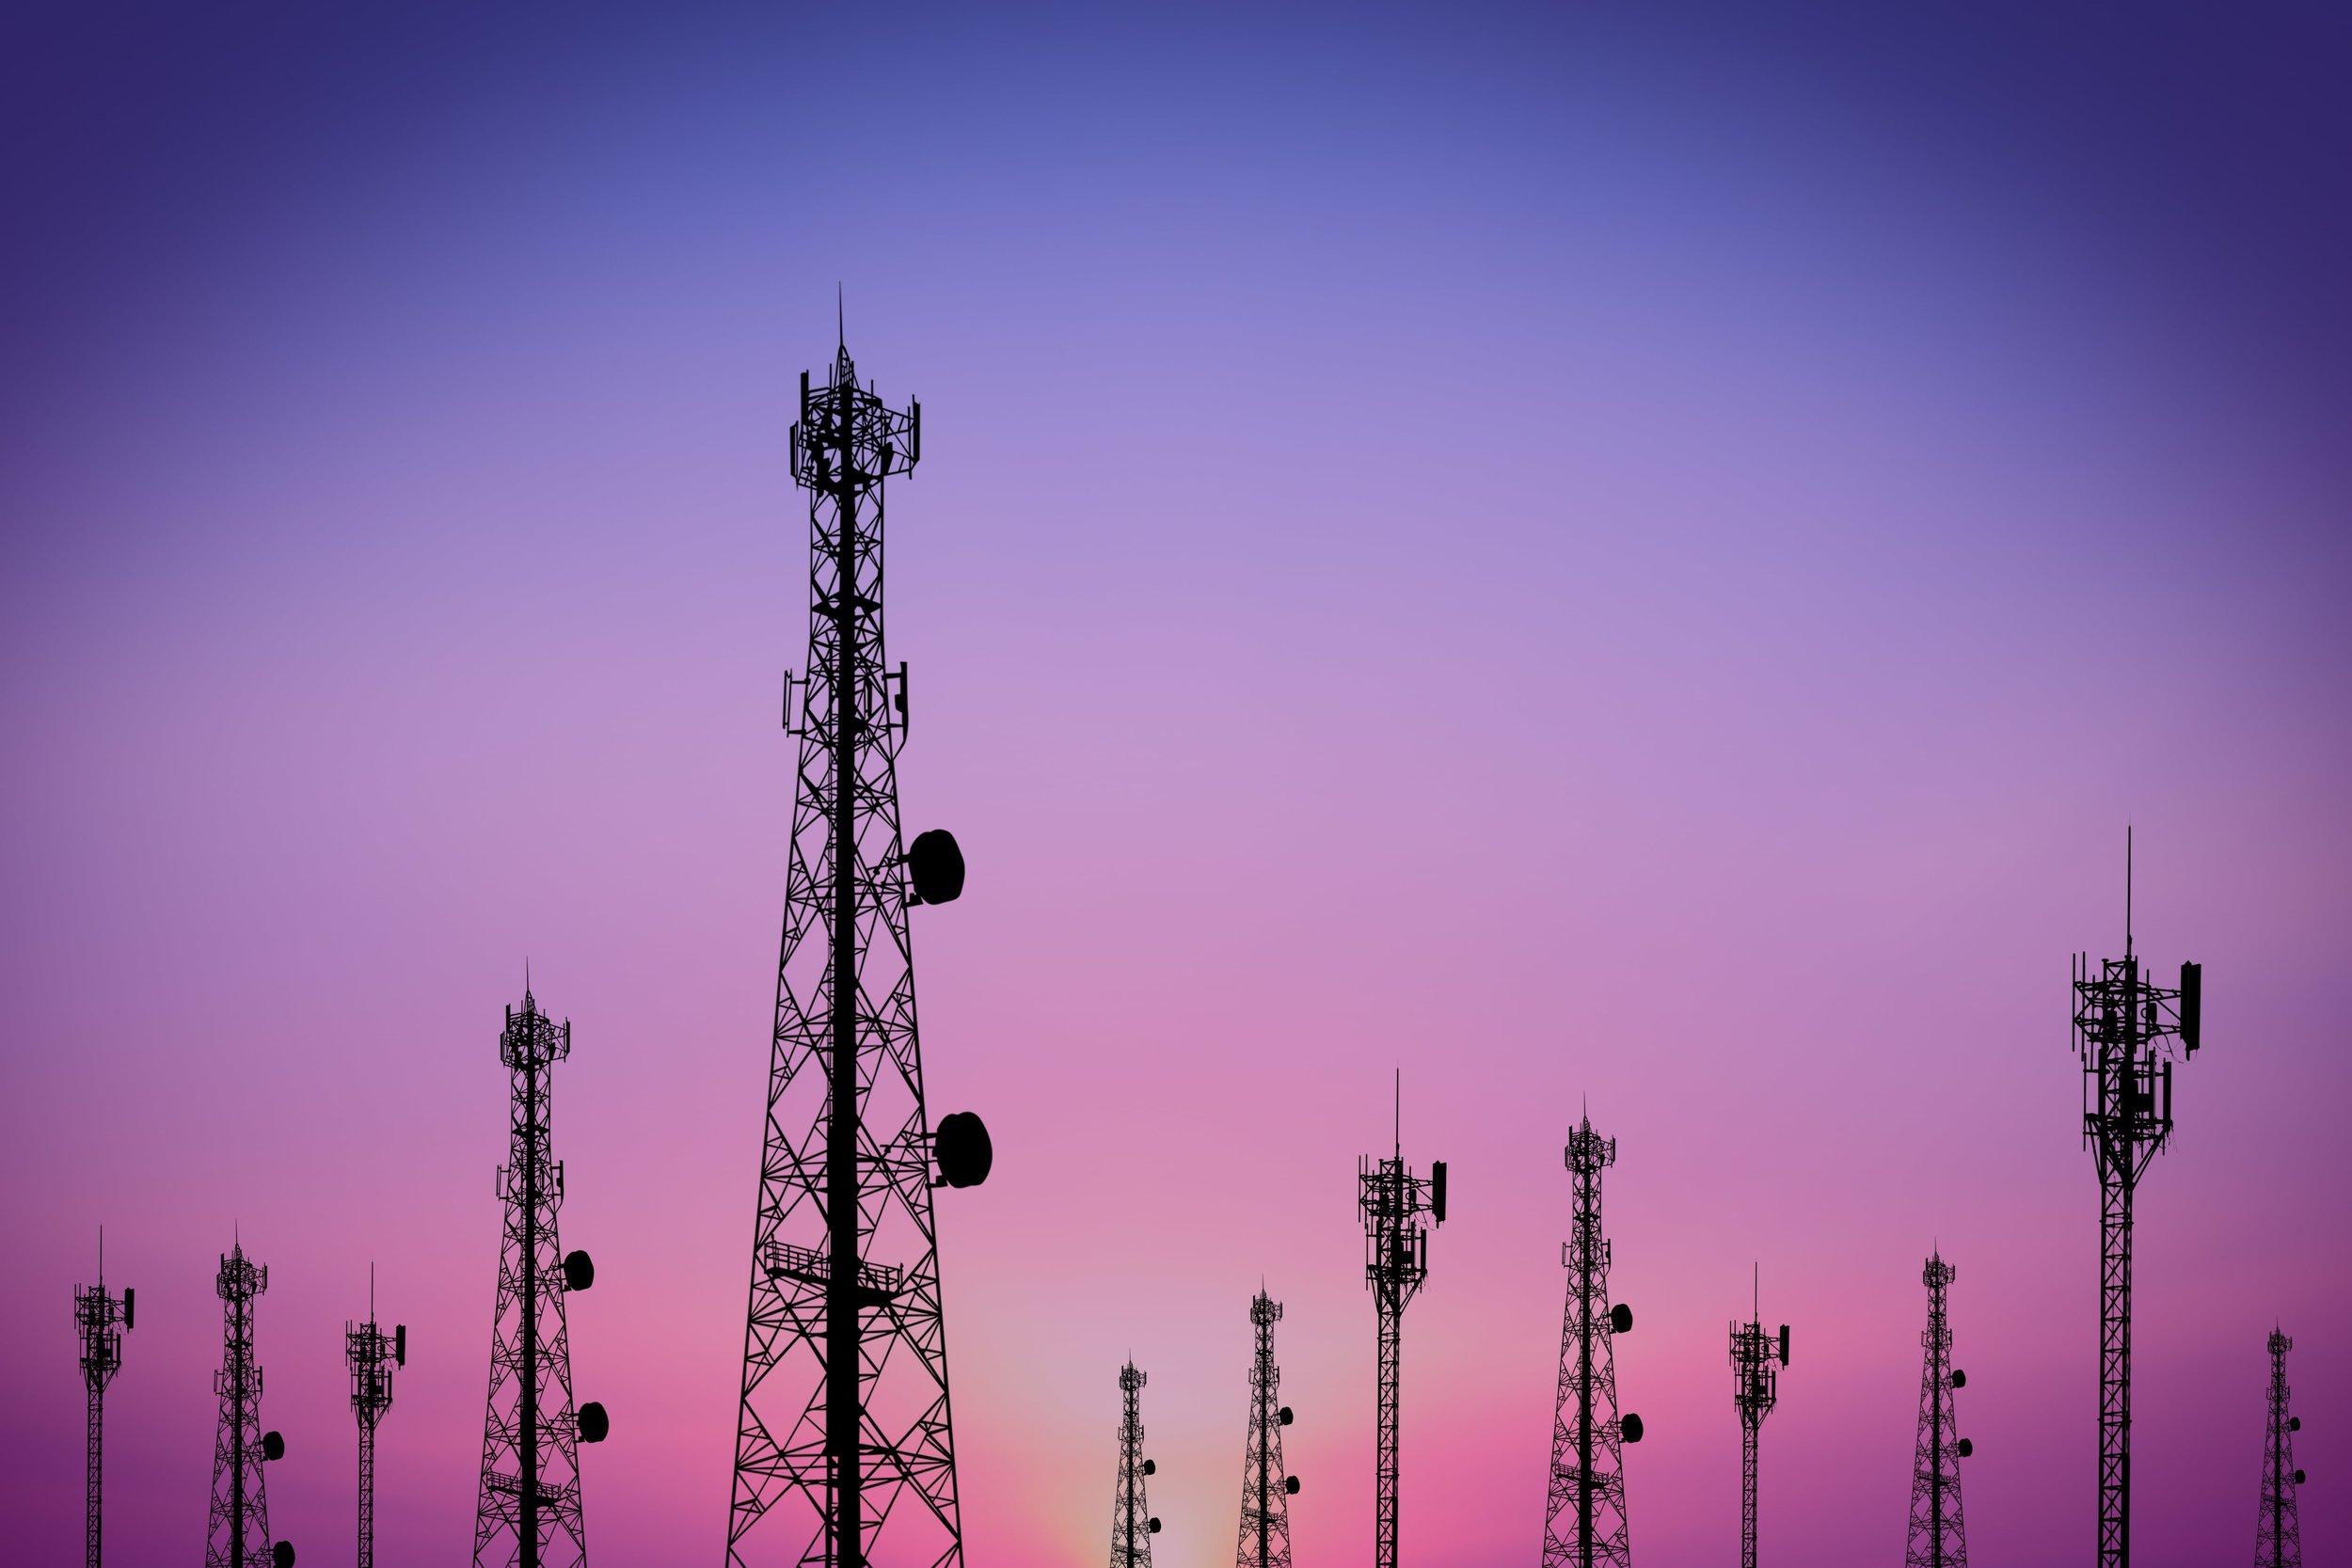 Radio towers-min.jpeg